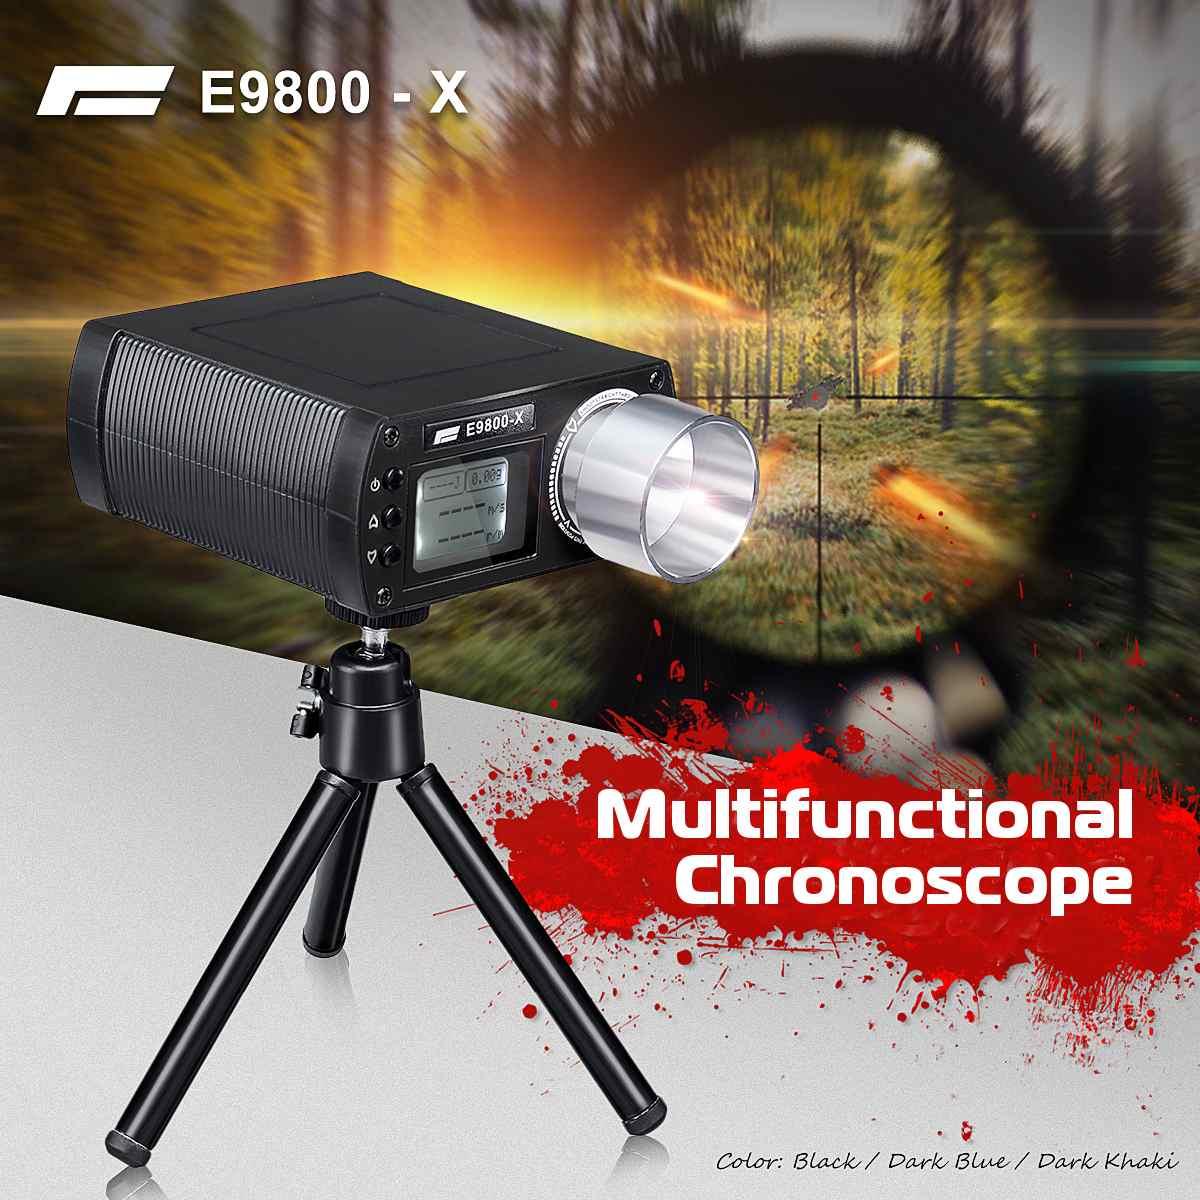 E9800-X Airsoft BB testeur de vitesse de prise de vue haute précision chronographe de prise de vue-10C à 50C 0-500J tir-énergie cinétique écran LCD